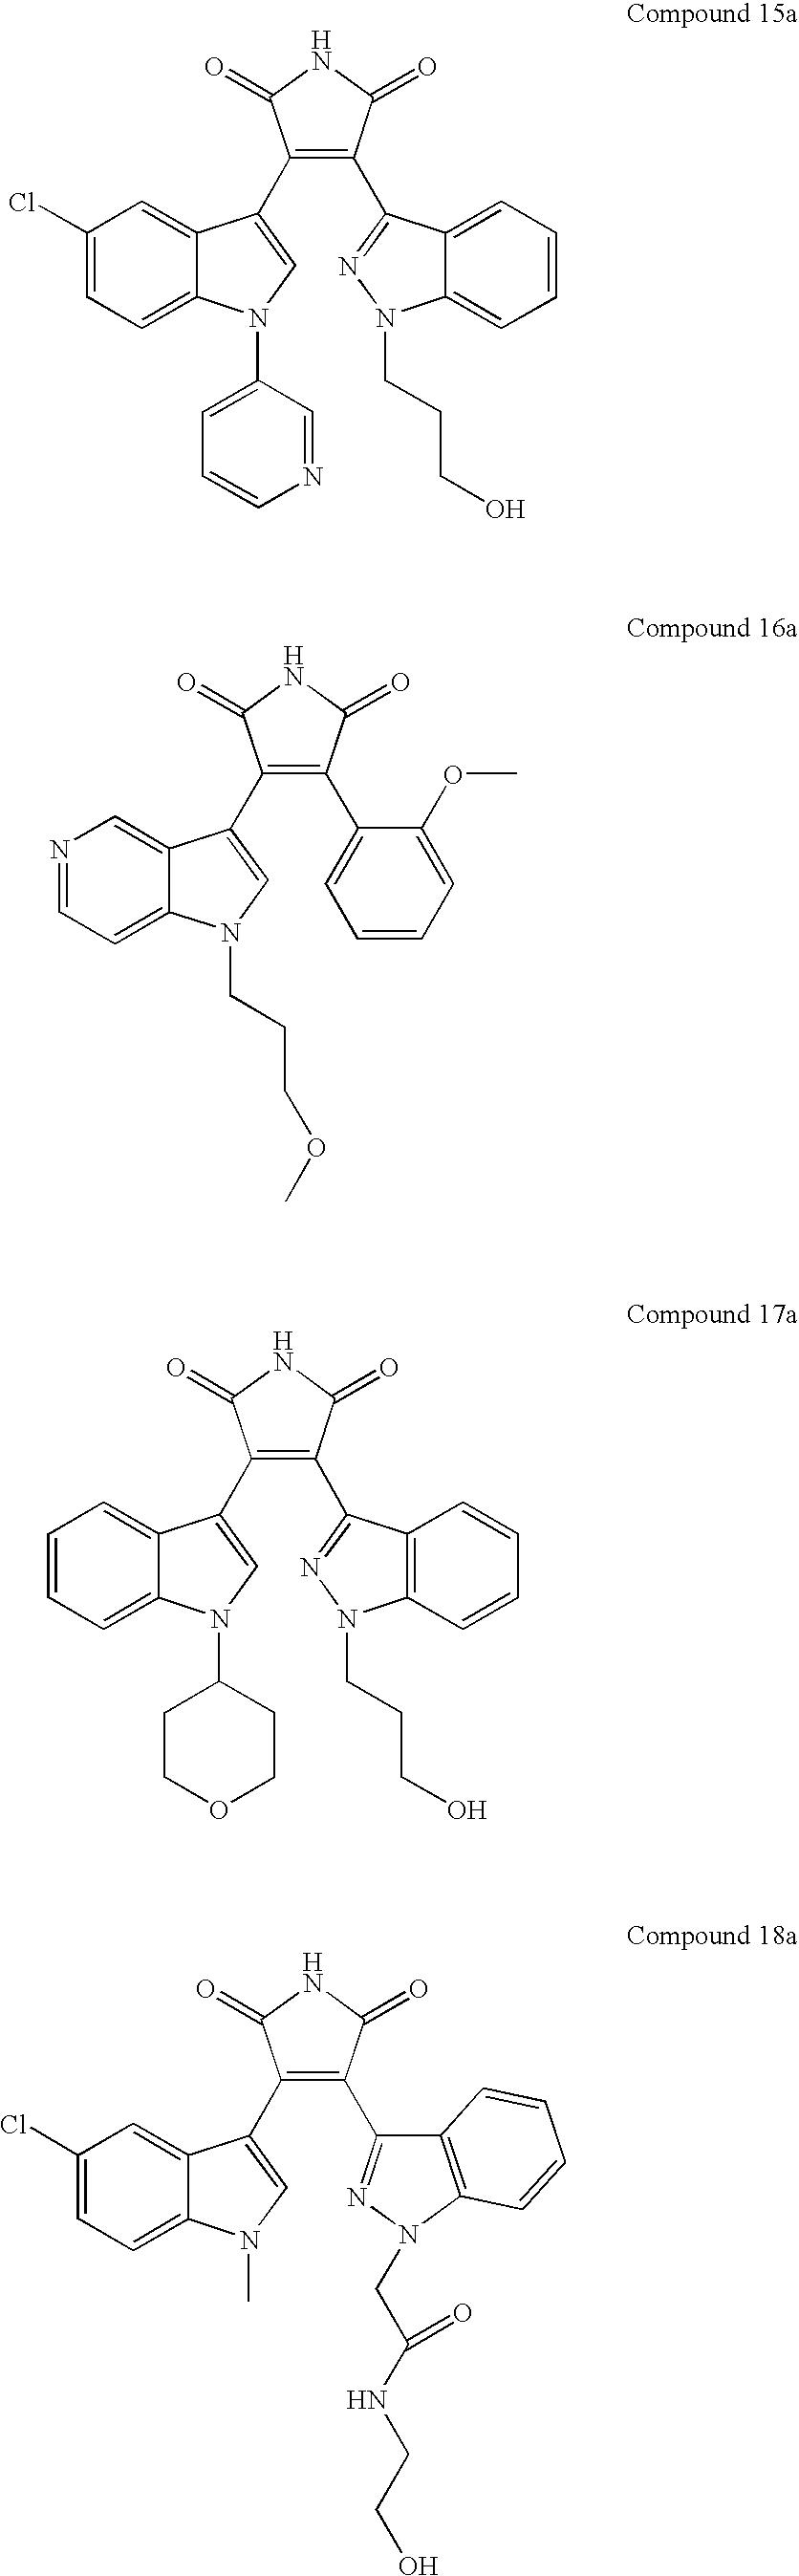 Figure US20090325293A1-20091231-C00022